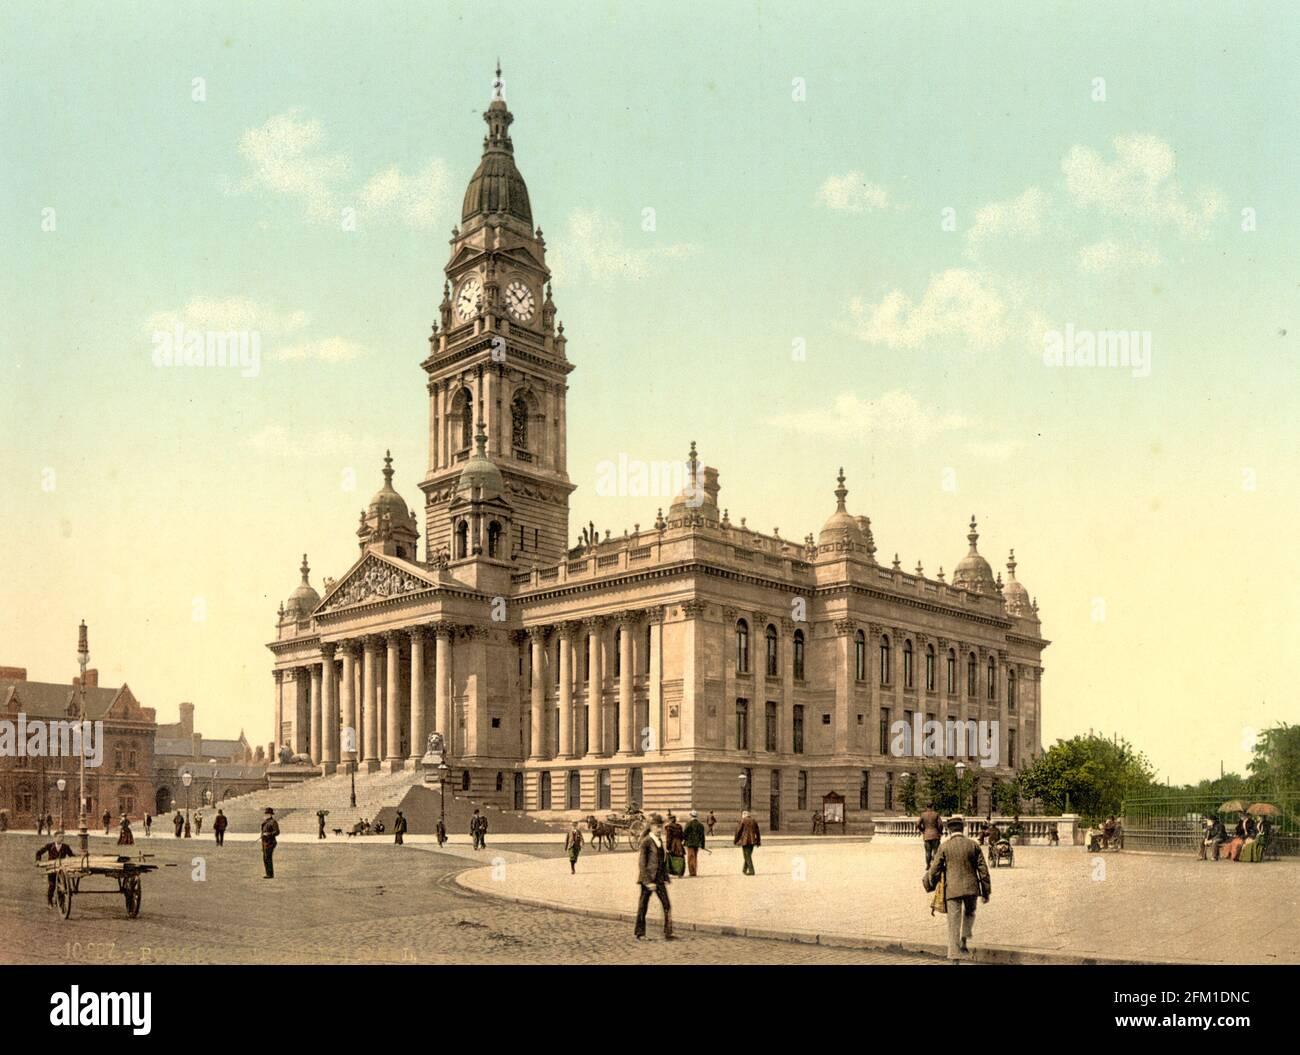 L'hôtel de ville, Portsmouth vers 1890-1900 Banque D'Images